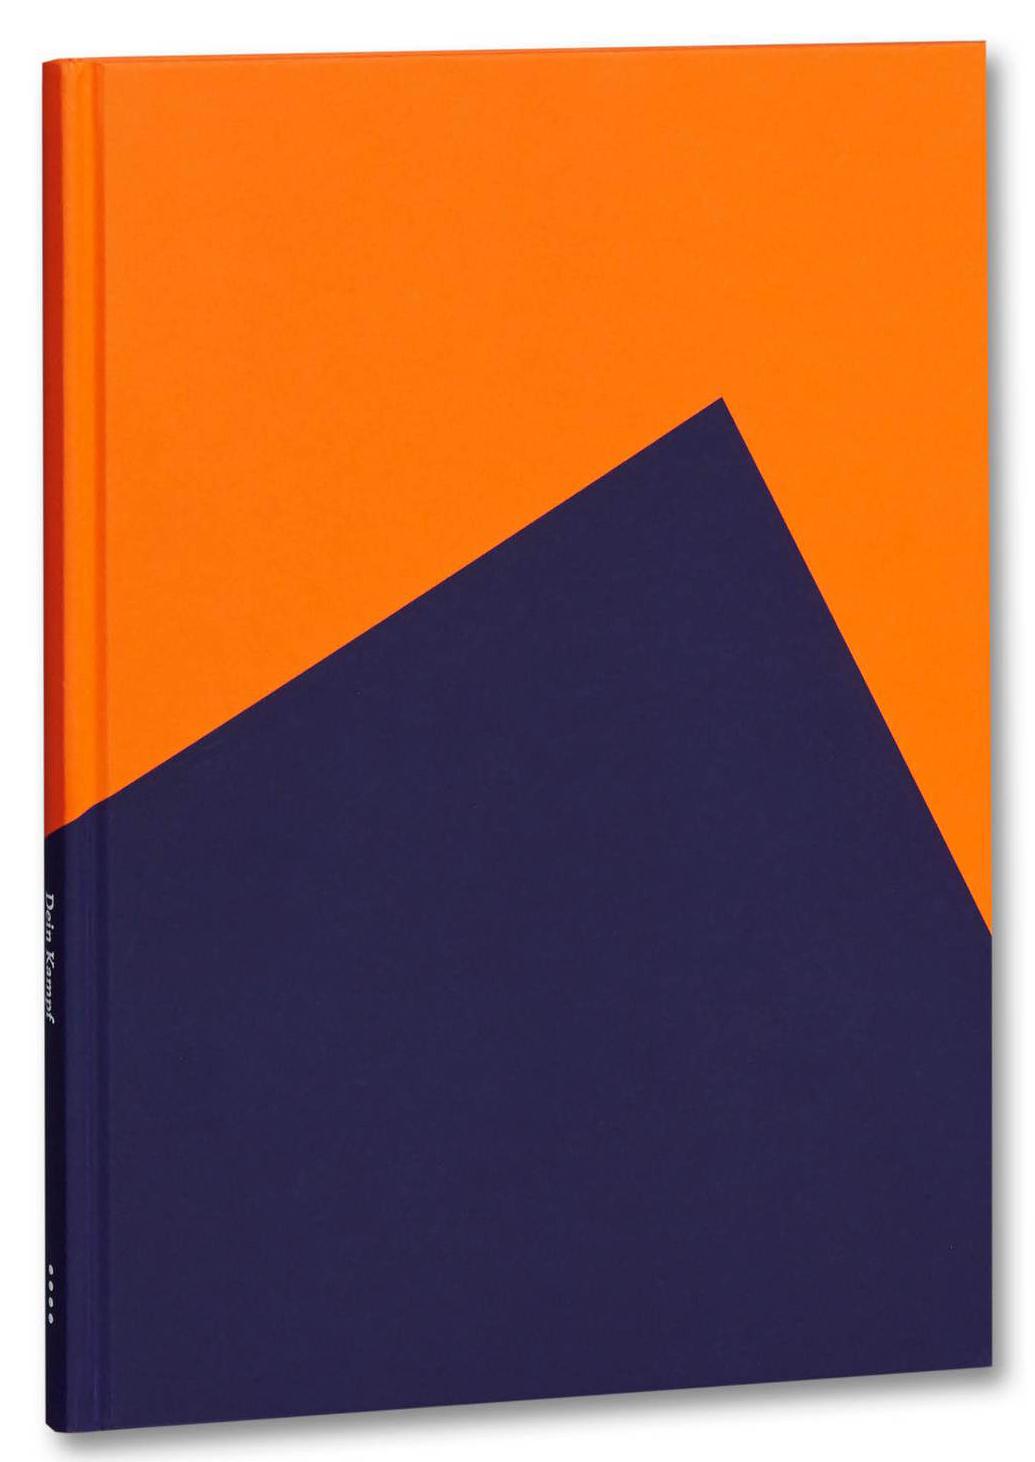 https://www.photoeye.com/best-books-2019/details.cfm?FirstName=Josef&Lastname=Chladek